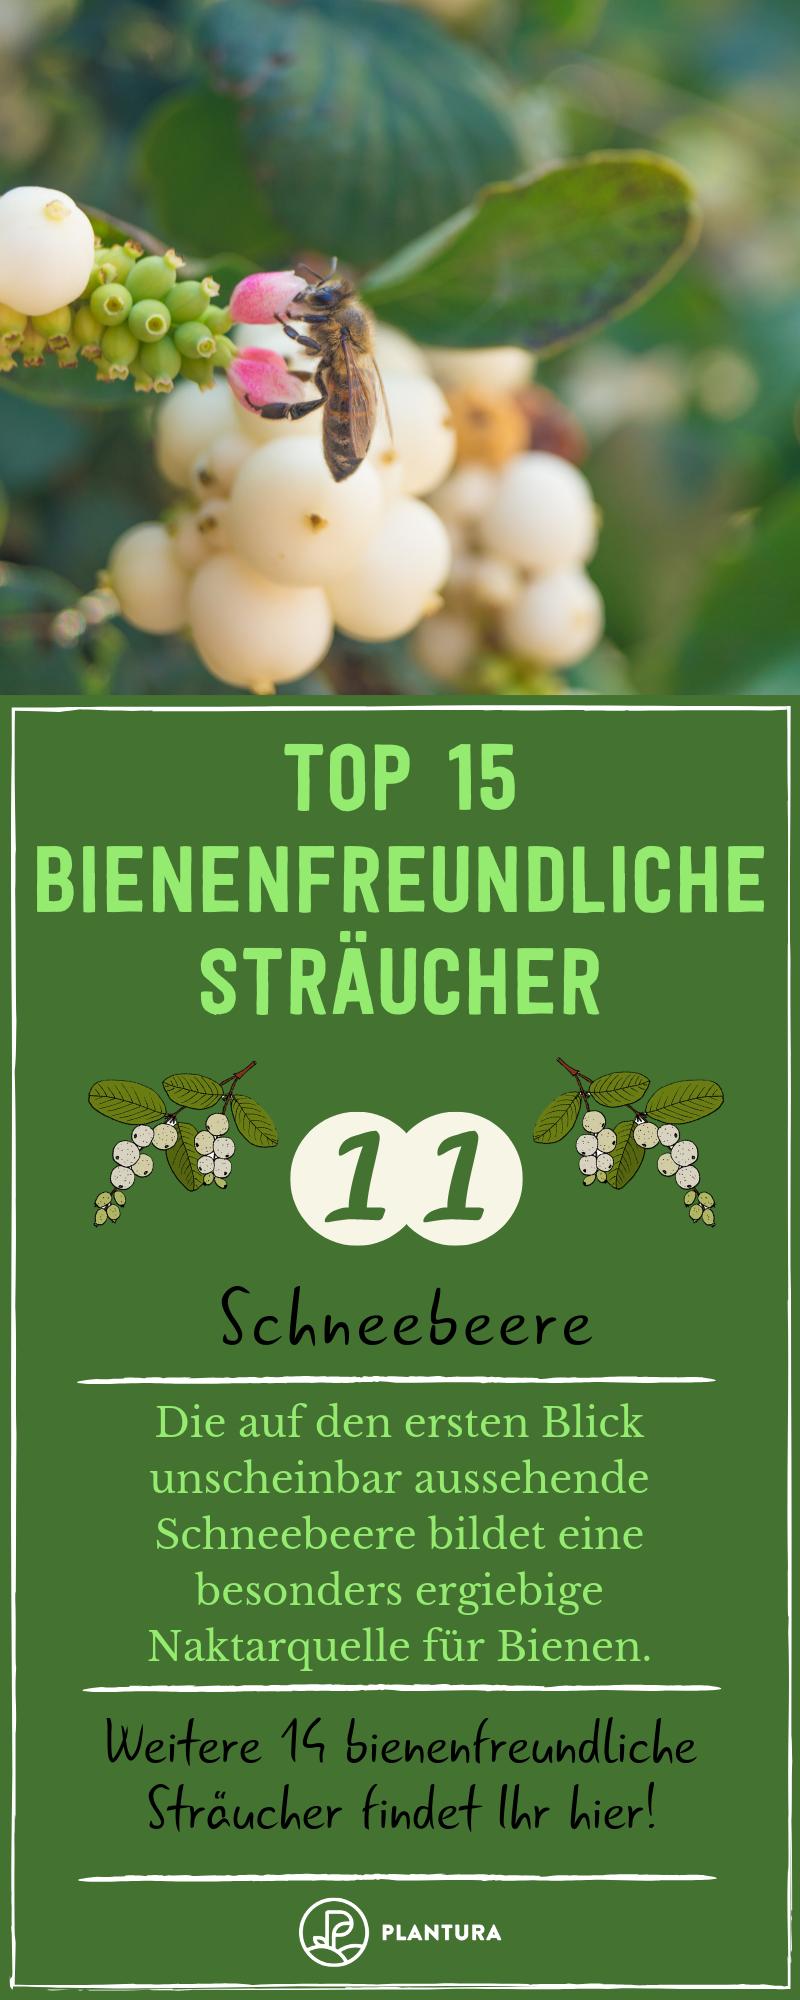 Bienenfreundliche Straucher Top 15 Bienenstraucher Bienenfreundliche Straucher Bienenfreundliche Pflanzen Schneebeere